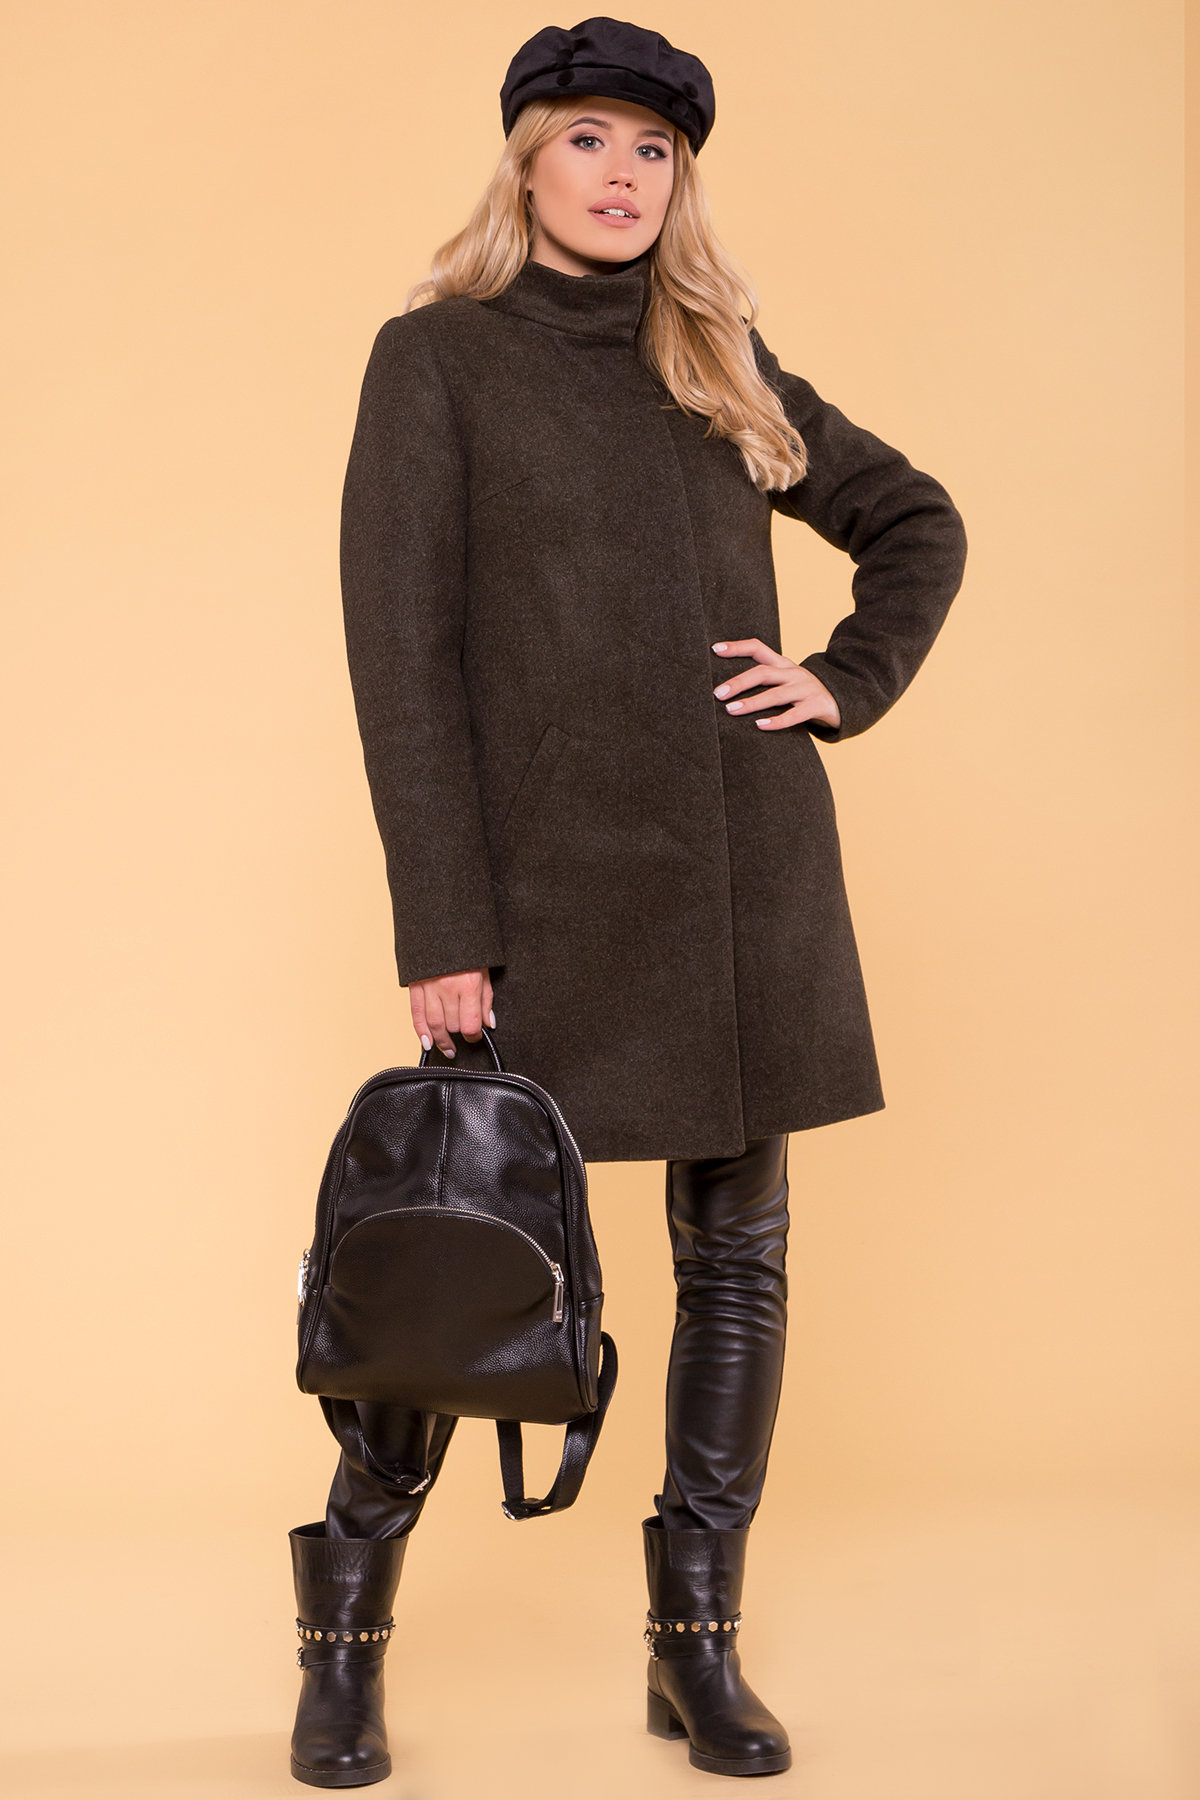 Зимнее пальто с хомутом Фортуна лайт 5802 АРТ. 40535 Цвет: Хаки 16 - фото 4, интернет магазин tm-modus.ru